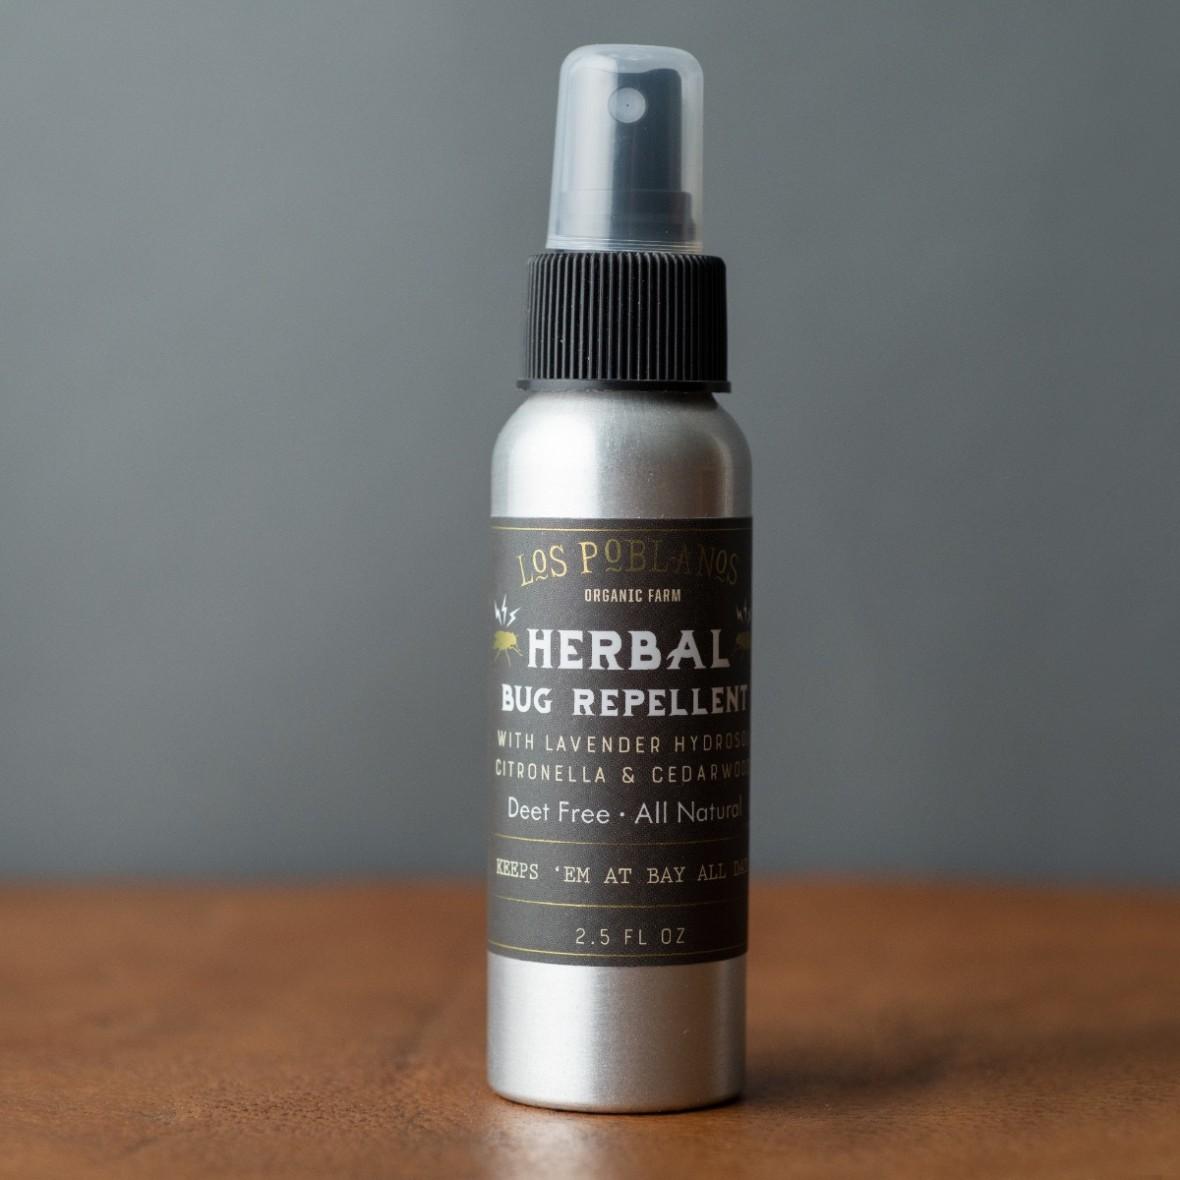 herbal bug repellent